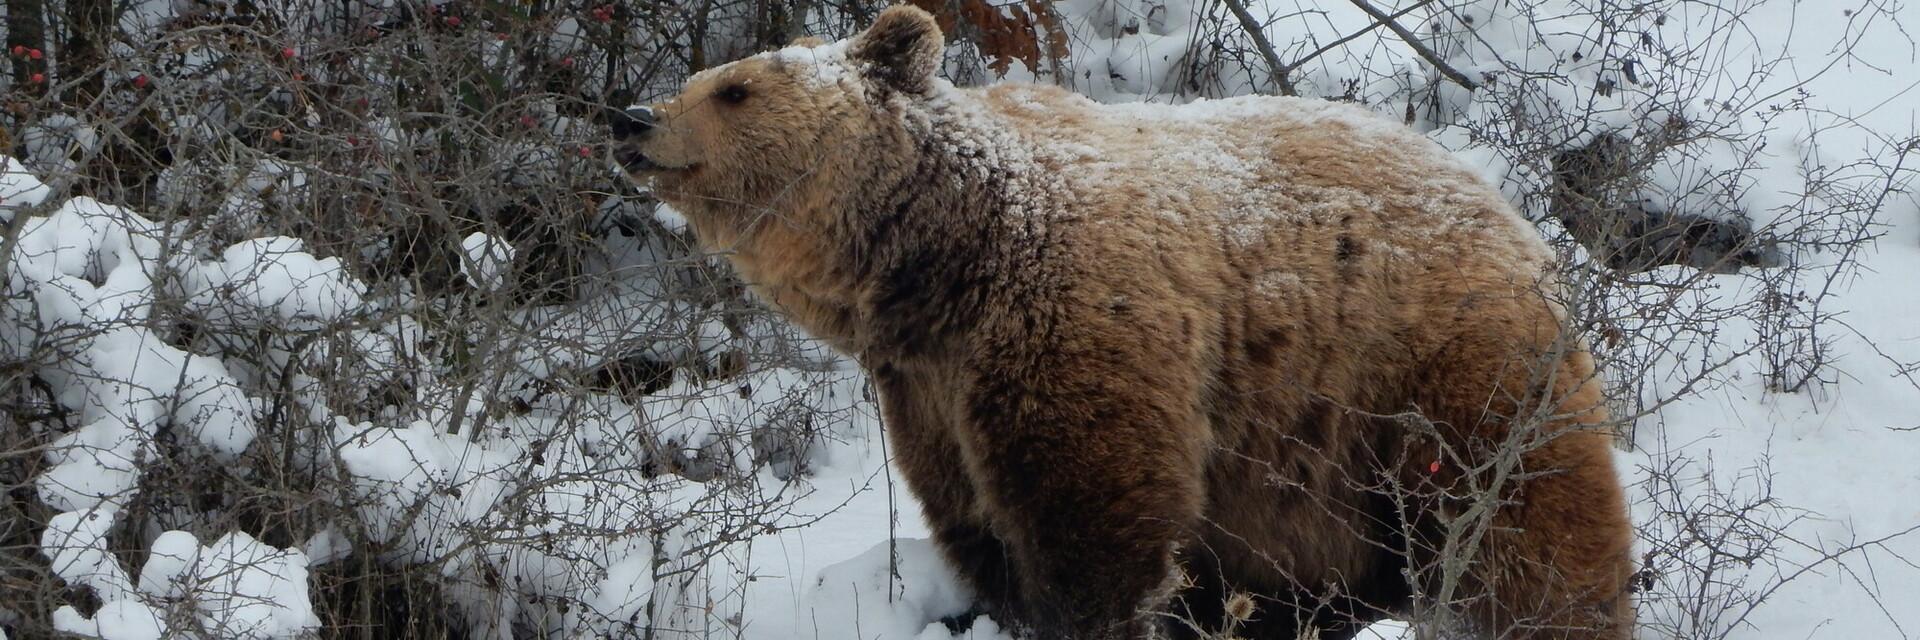 Bär Ero im Schnee